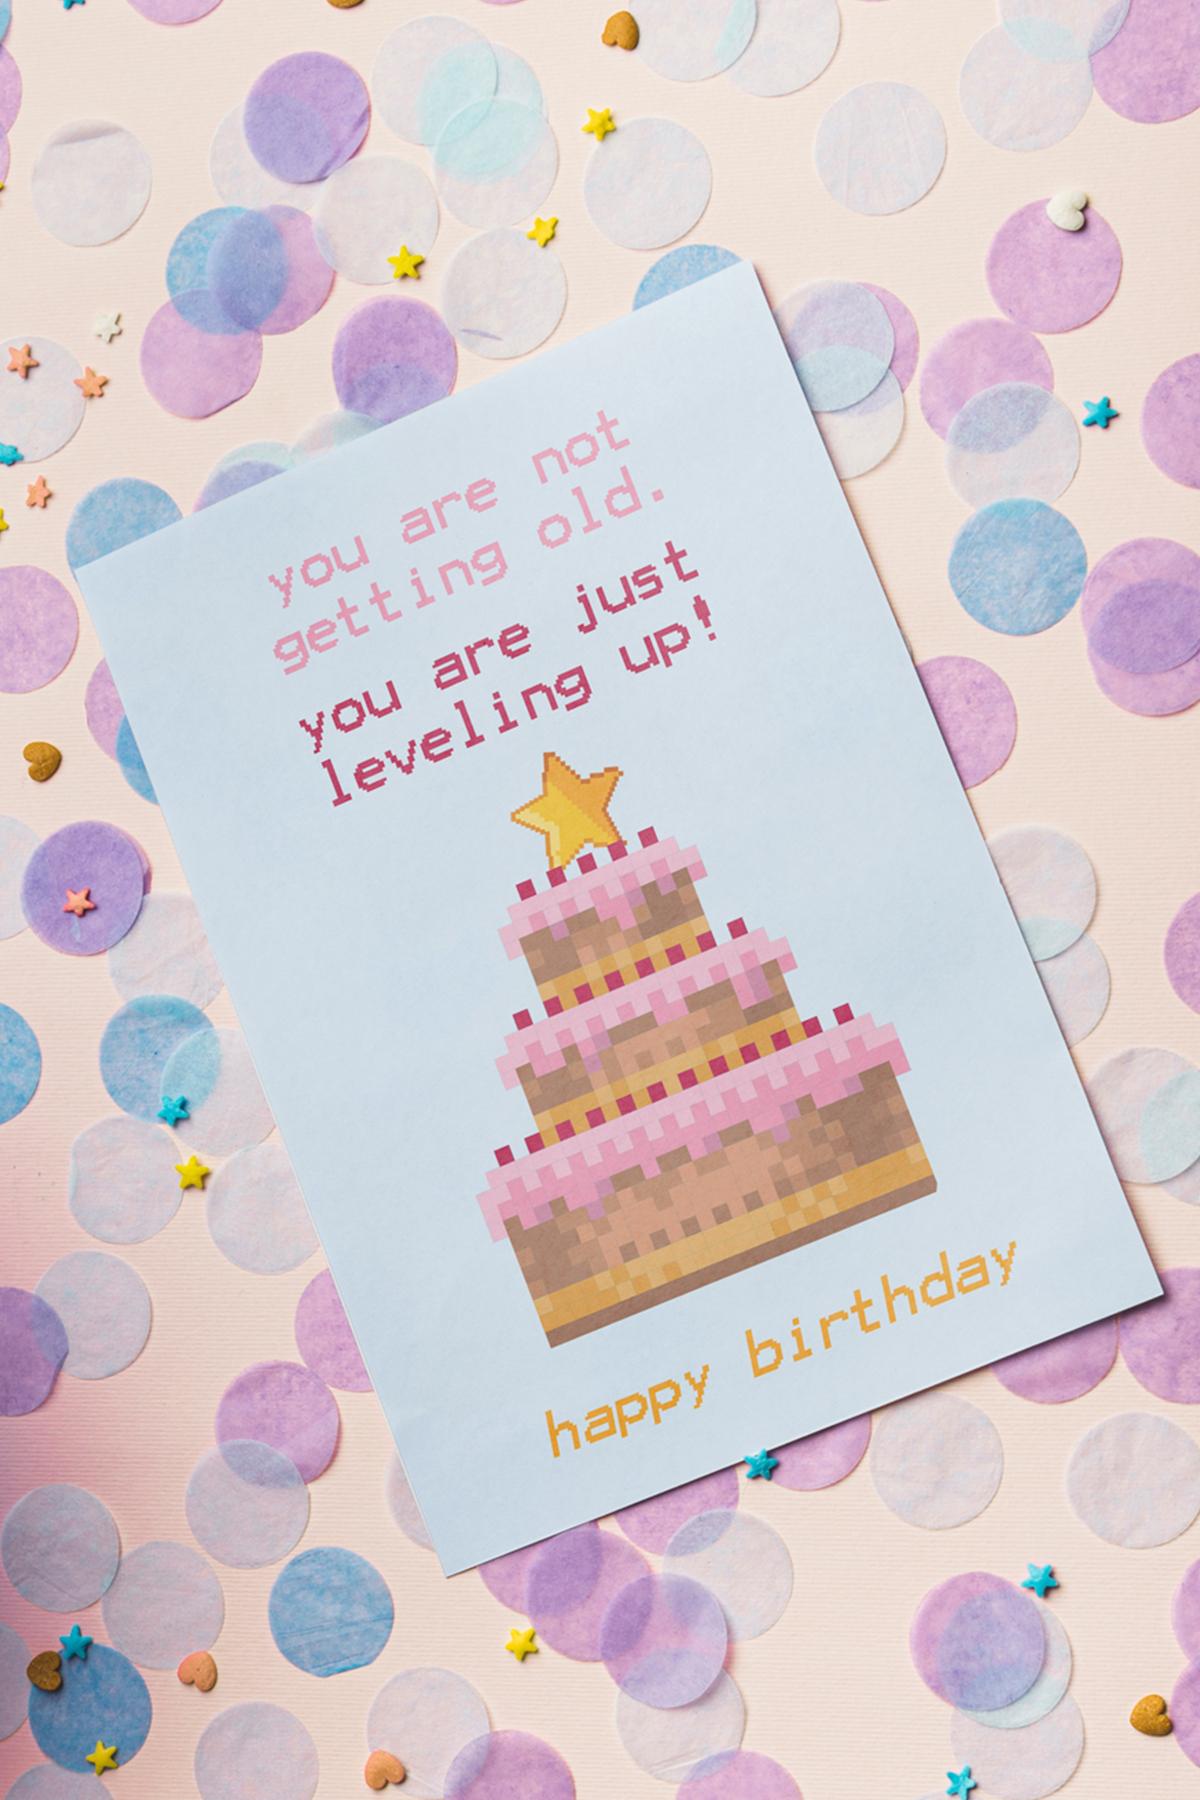 10 Coole Geburtstagskarten Zum Ausdrucken | Free Printable bestimmt für Geburtstagskarten Selber Drucken